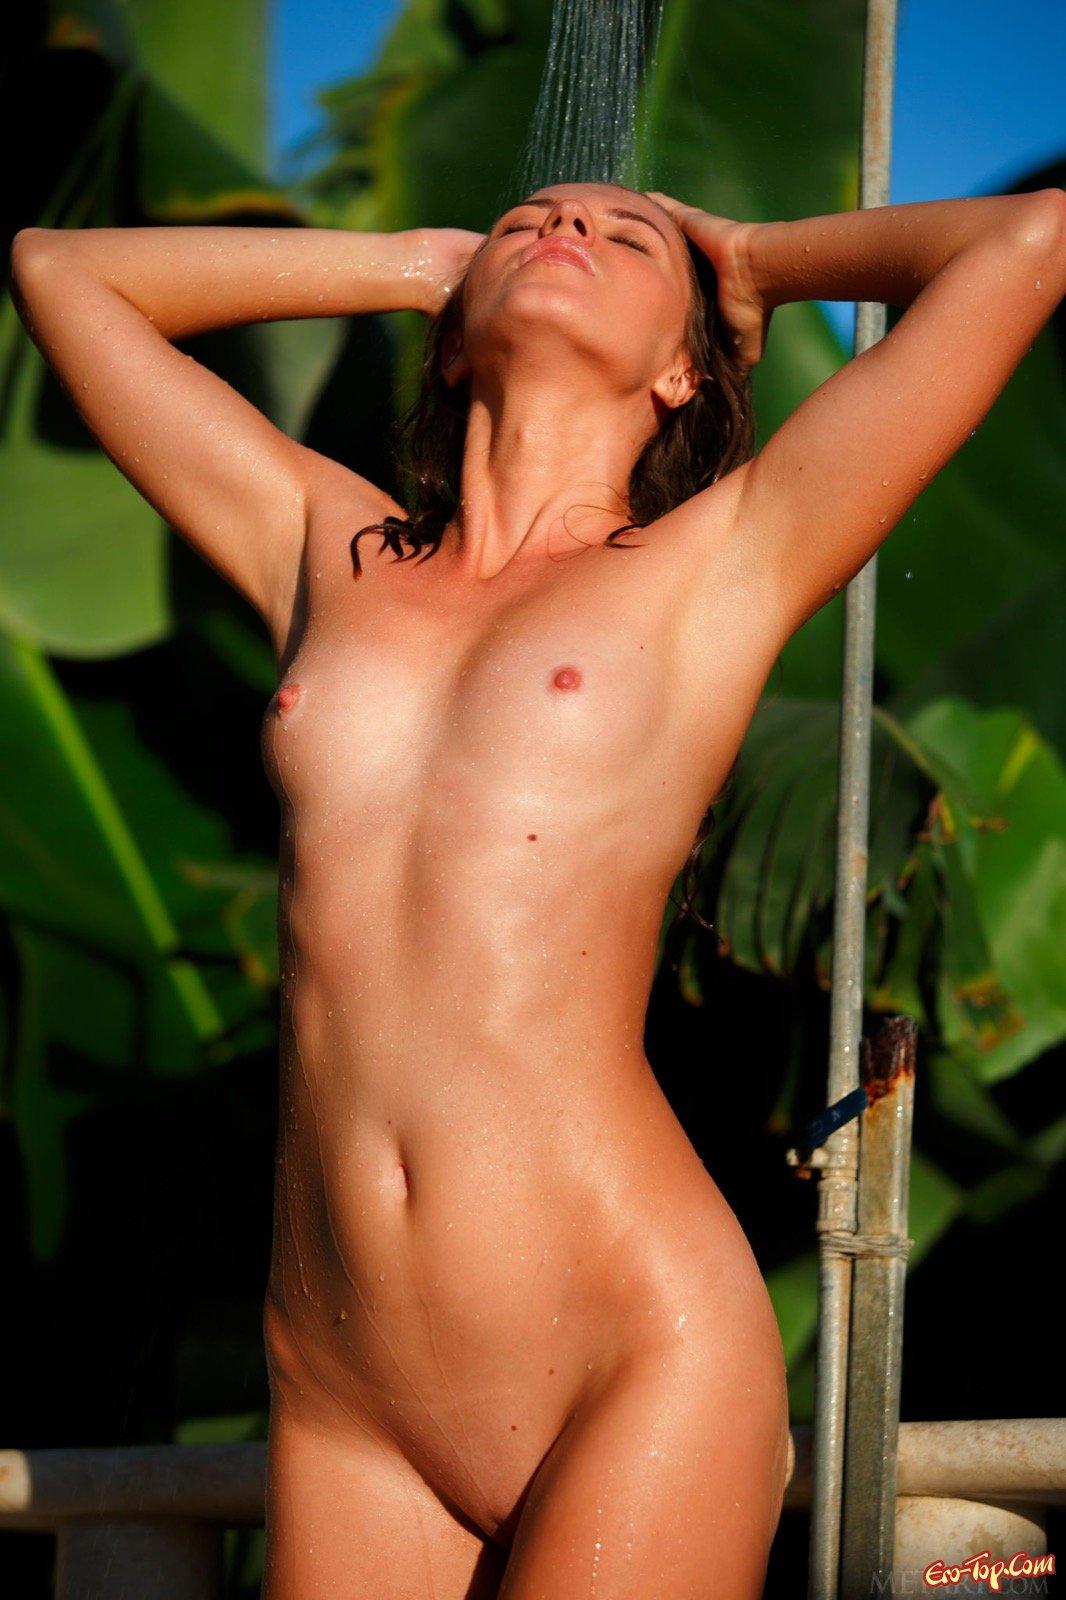 Возбуждающая няшка с голенькой жопой в бассейне секс фото